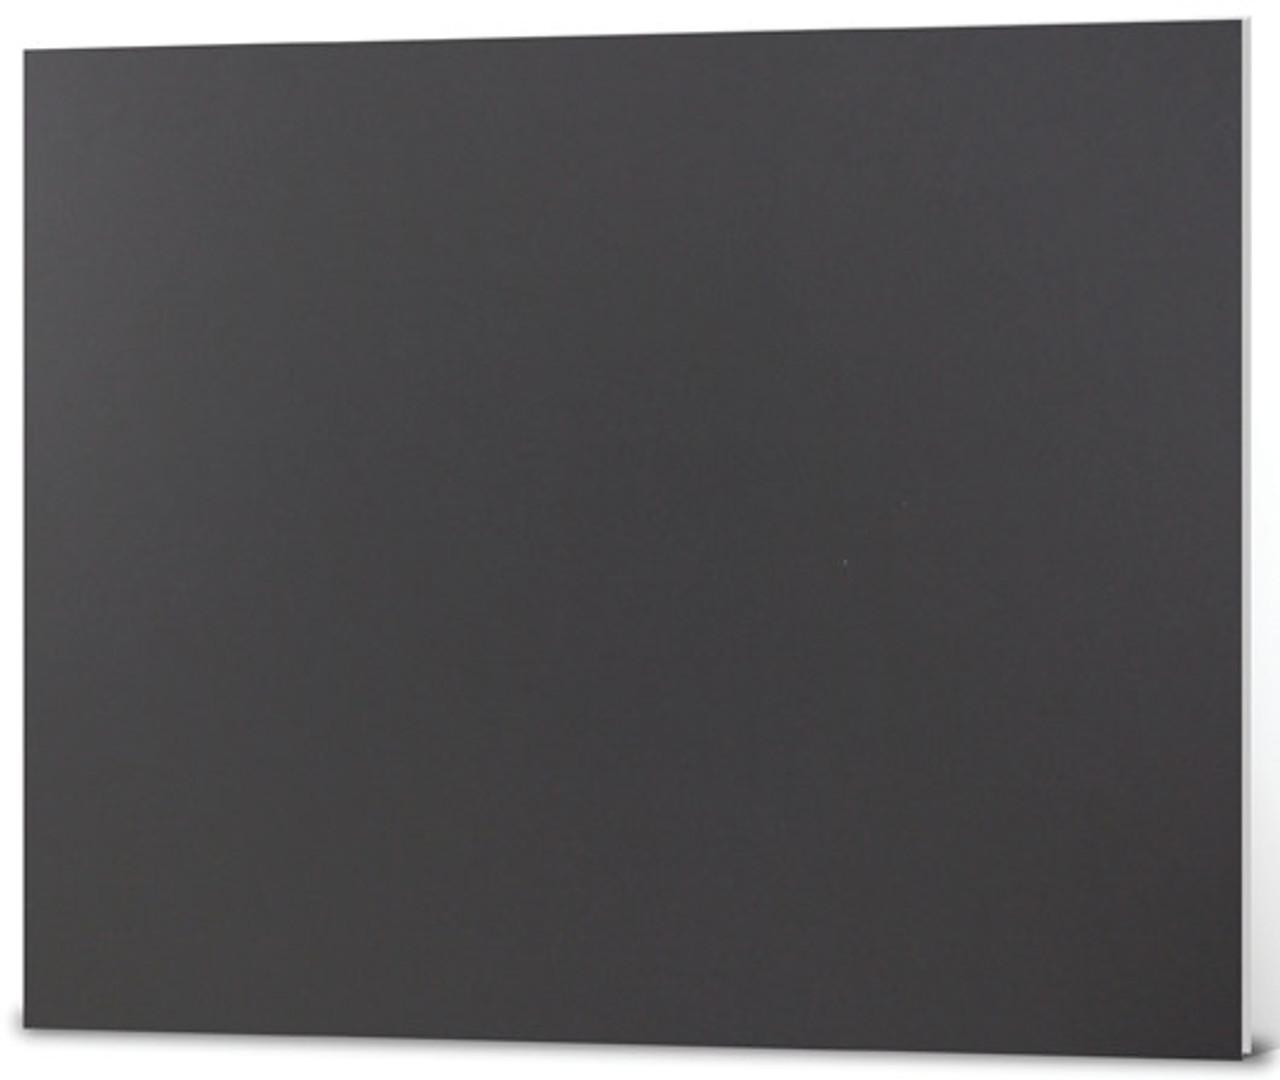 Elmer's Foam Board Black 3/16in x 20in x 30in